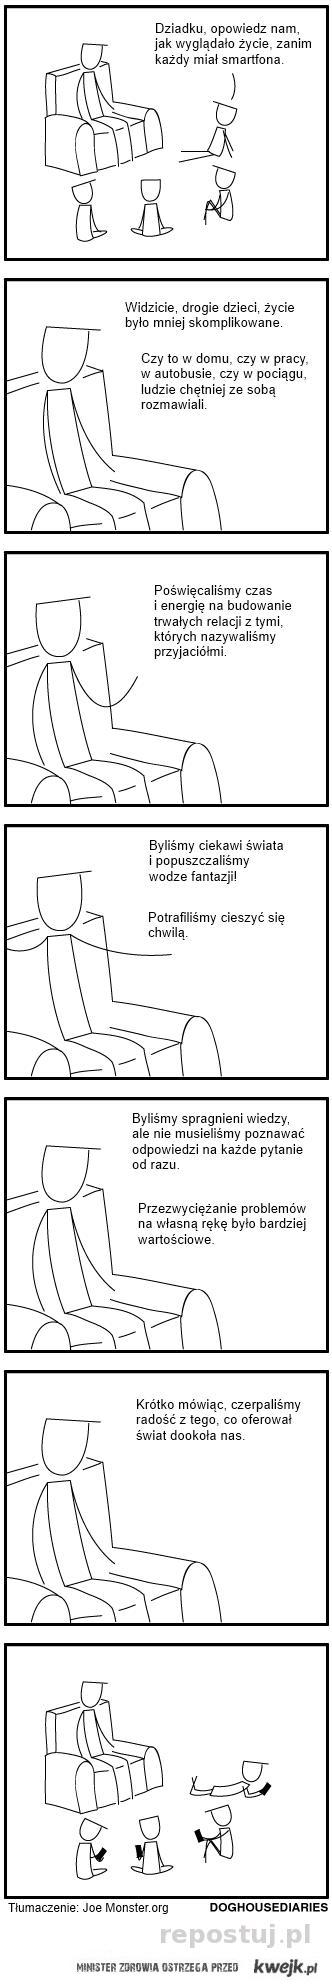 relacje międzypokoleniowe ;)